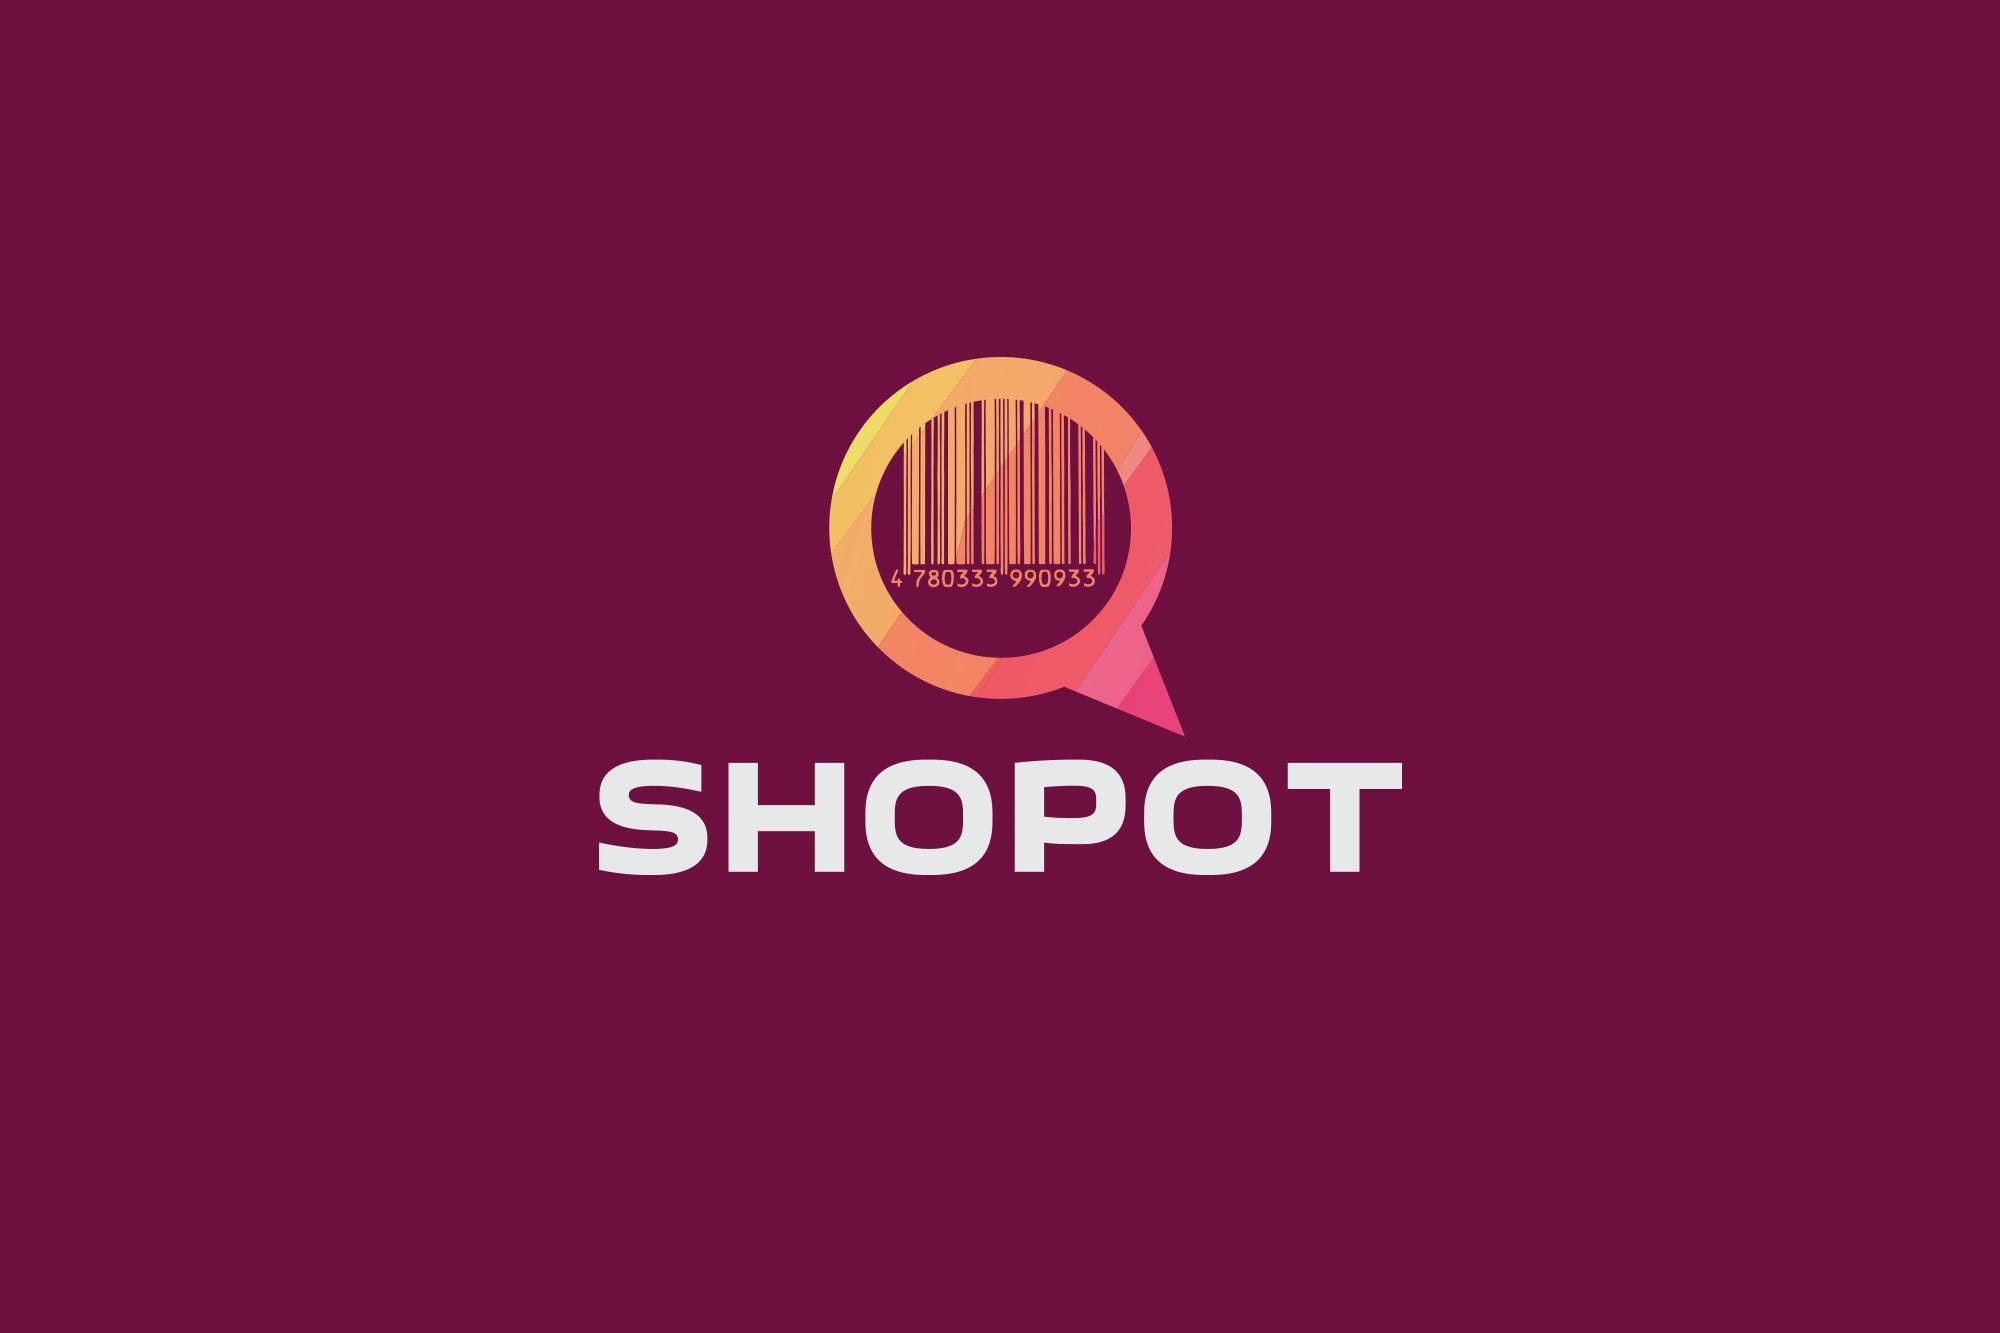 Логотип интернет-сообщества о покупках  - дизайнер funkielevis